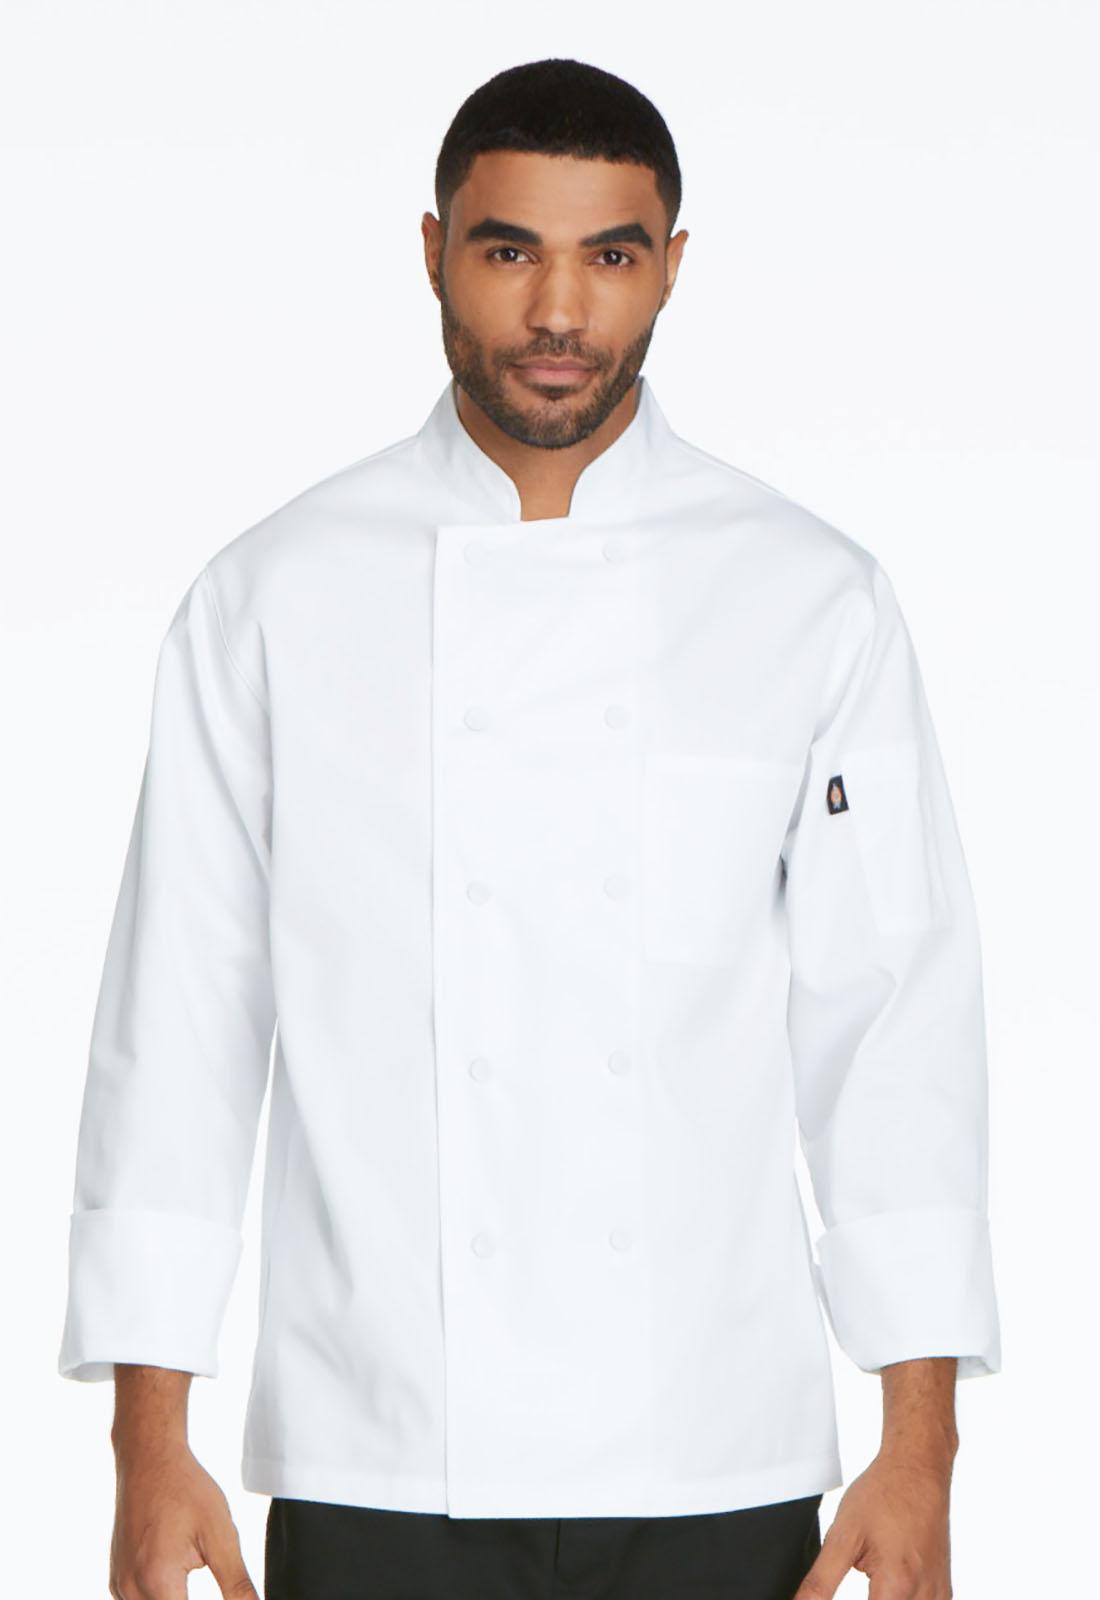 Chefwear - Classic Coats